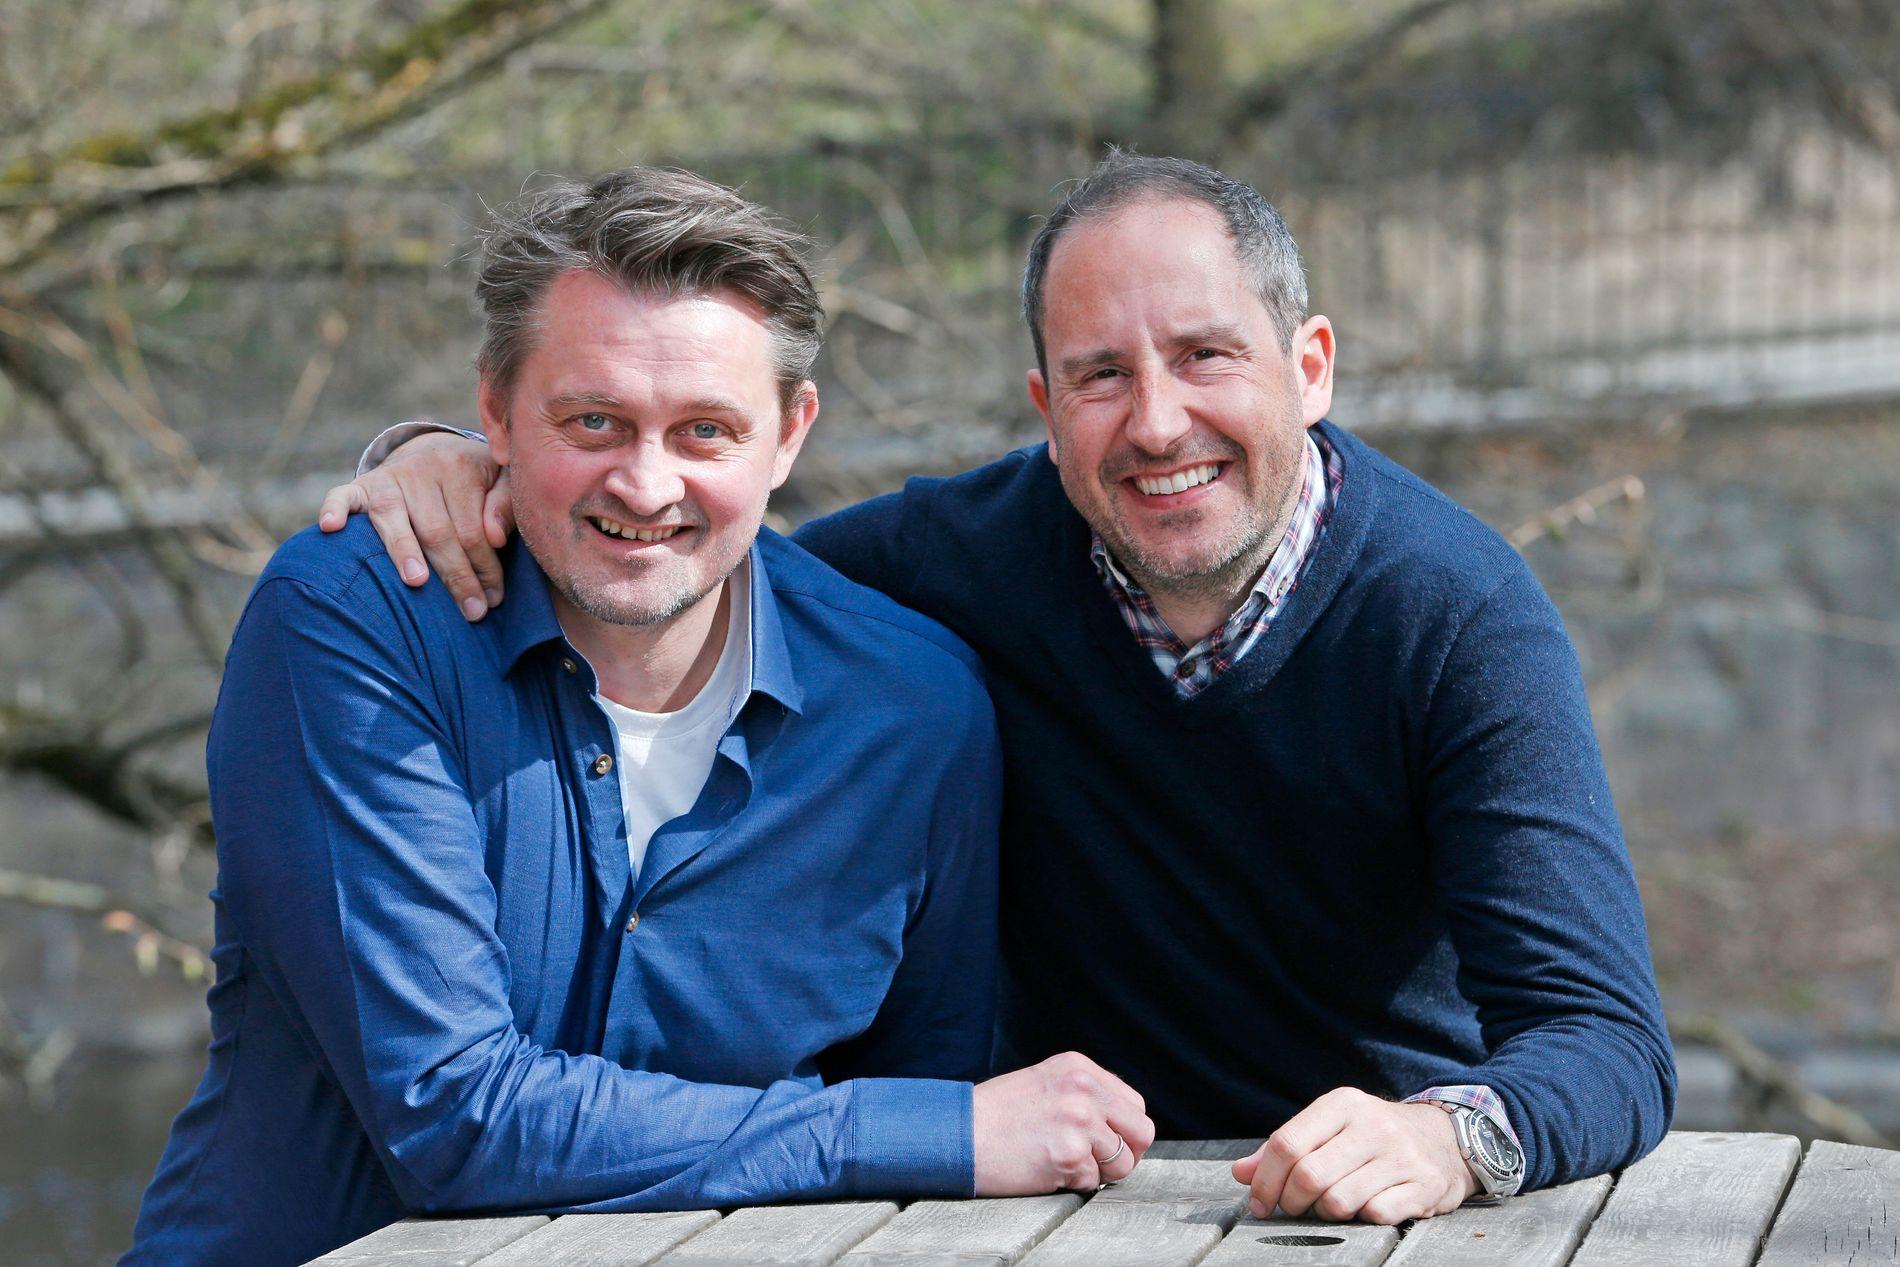 NÆRE: Thomas Numme (t.v.) og Harald Rønneberg er venner og kolleger – aldri konkurrenter. Her utenfor kontorlokalene i Nydalen i Oslo.